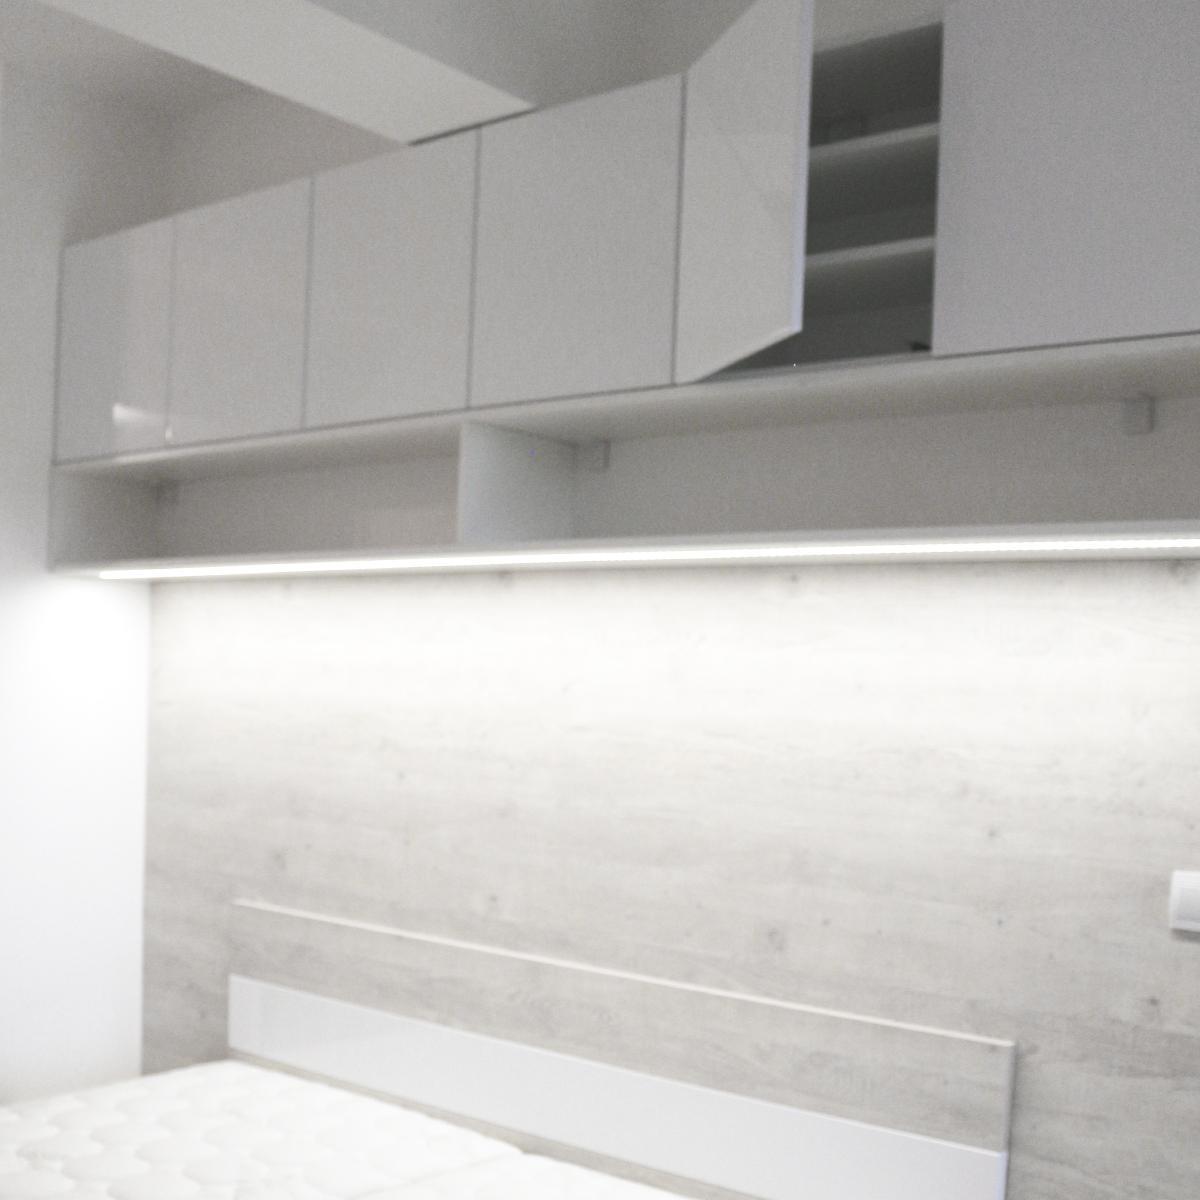 Realizácia interiéru 2i byt NMnV - Obrázok č. 18